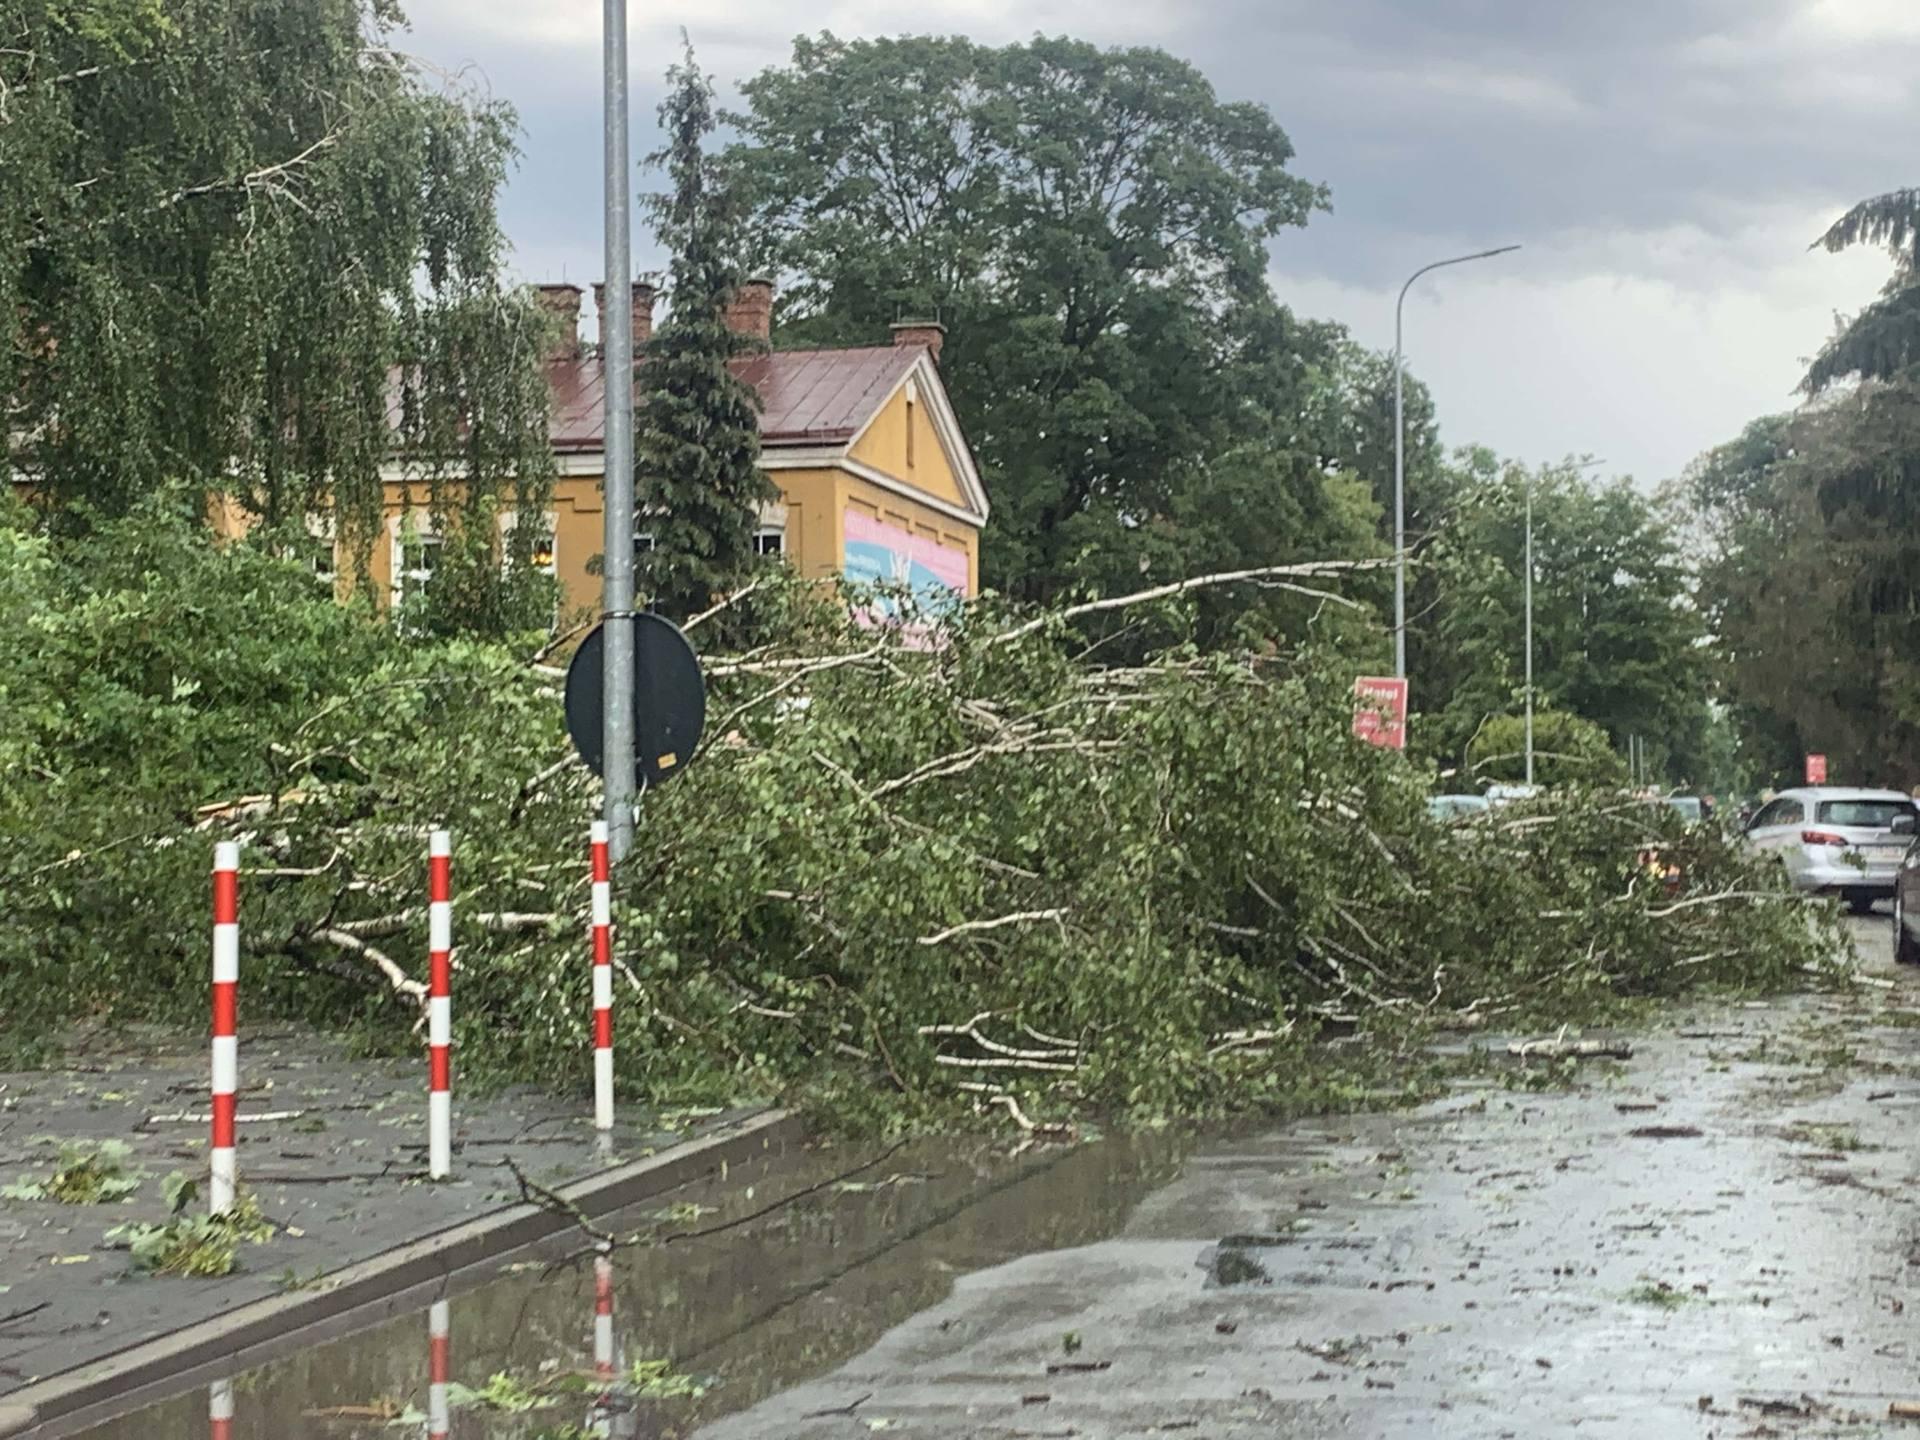 img 0959 Zerwane dachy, połamane drzewa, uszkodzone samochody. Straty po burzy, która przeszła nad Zamojszczyzną